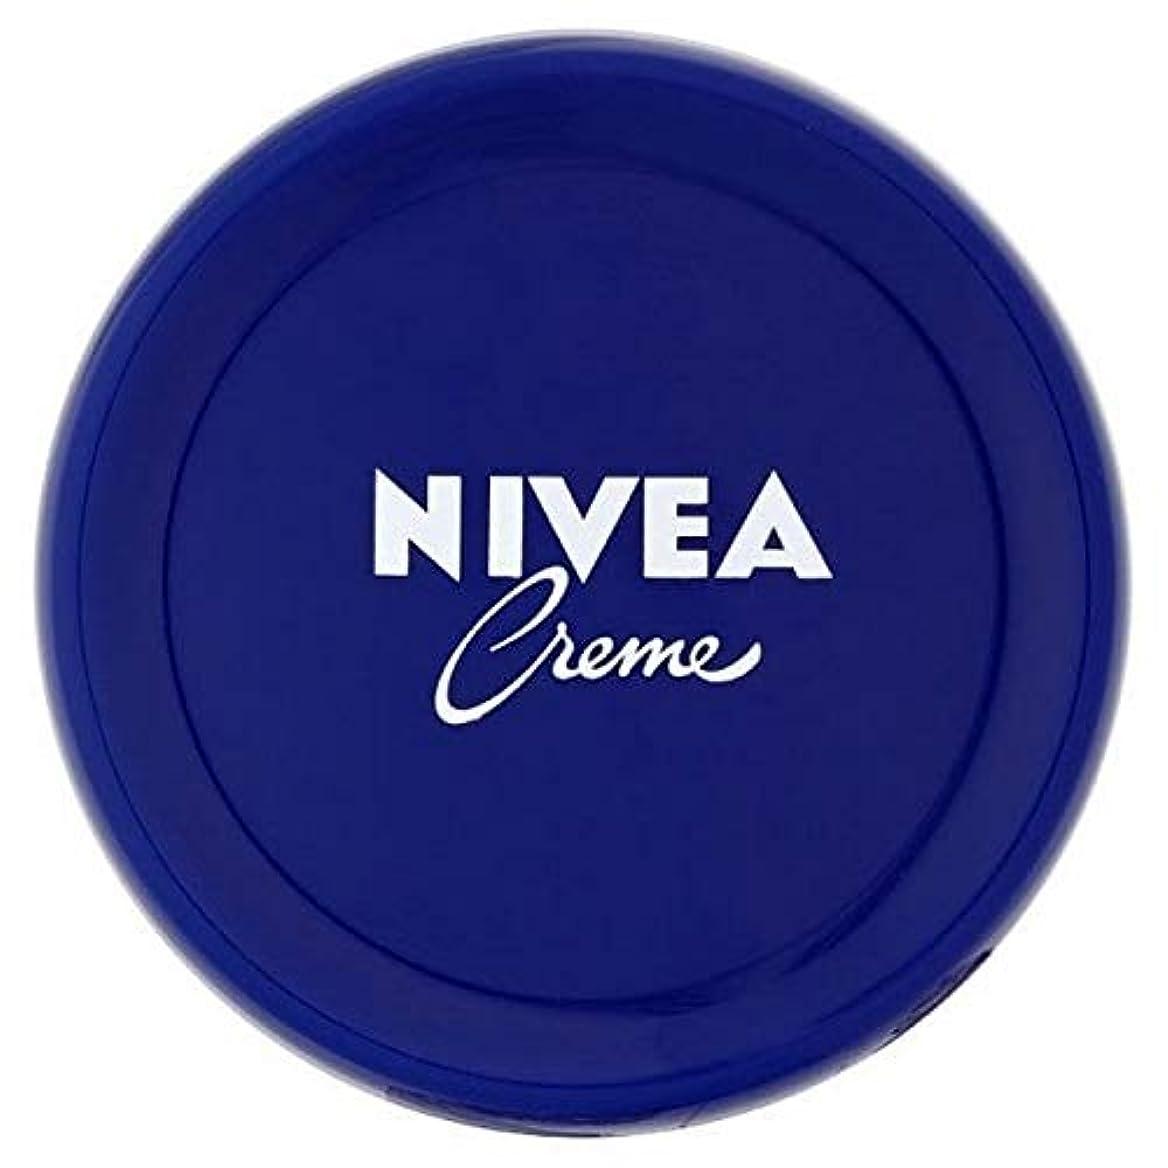 ポール欲望海洋の[Nivea ] ニベアクリーム万能ボディクリーム、200ミリリットル - NIVEA Creme All Purpose Body Cream, 200ml [並行輸入品]